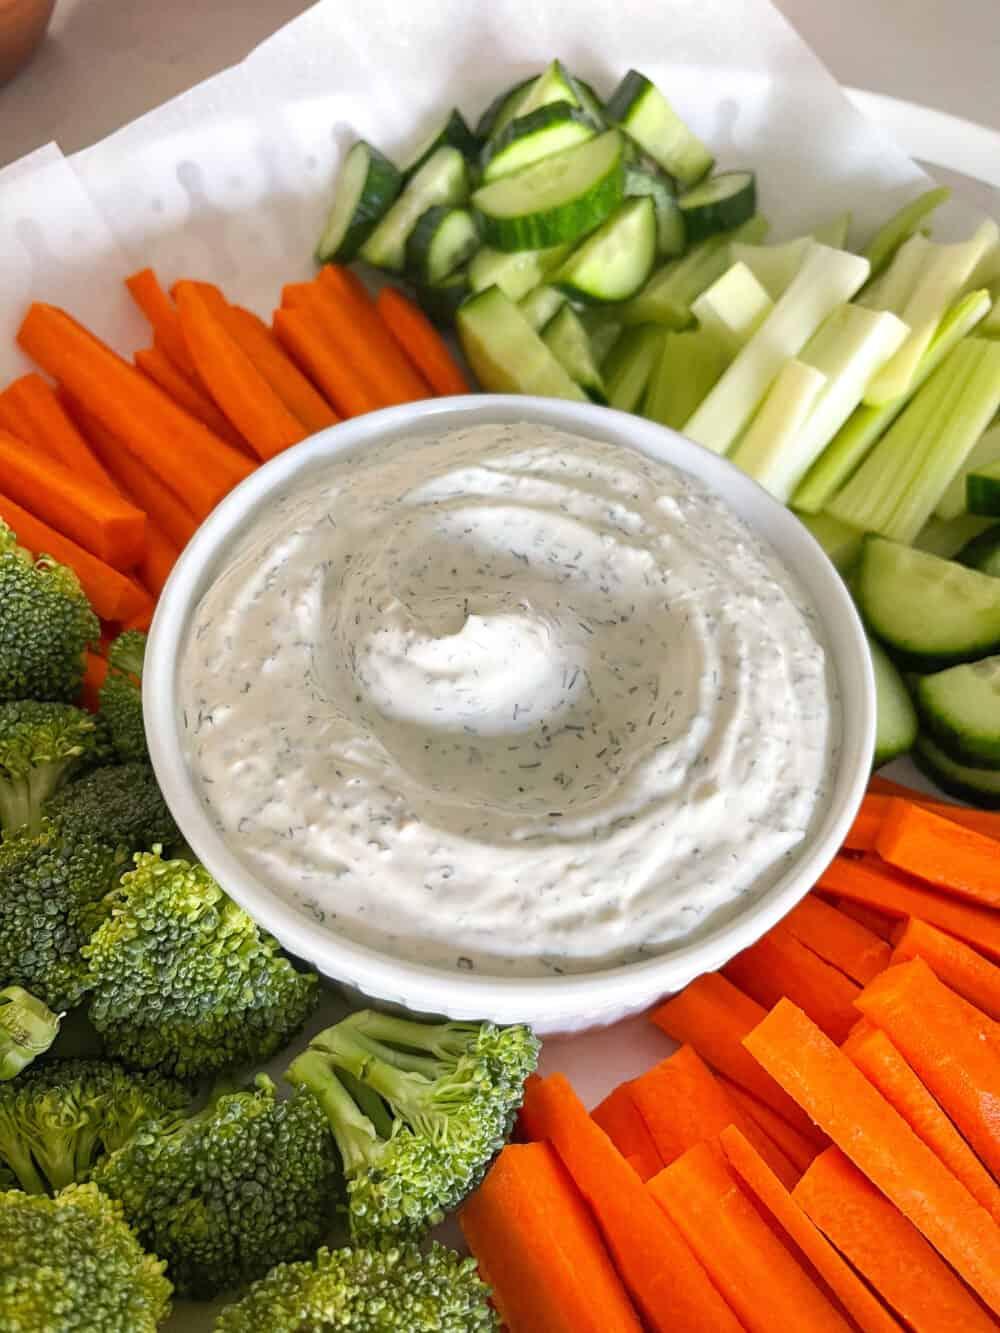 veggie dip in bowl with vegetables to dip